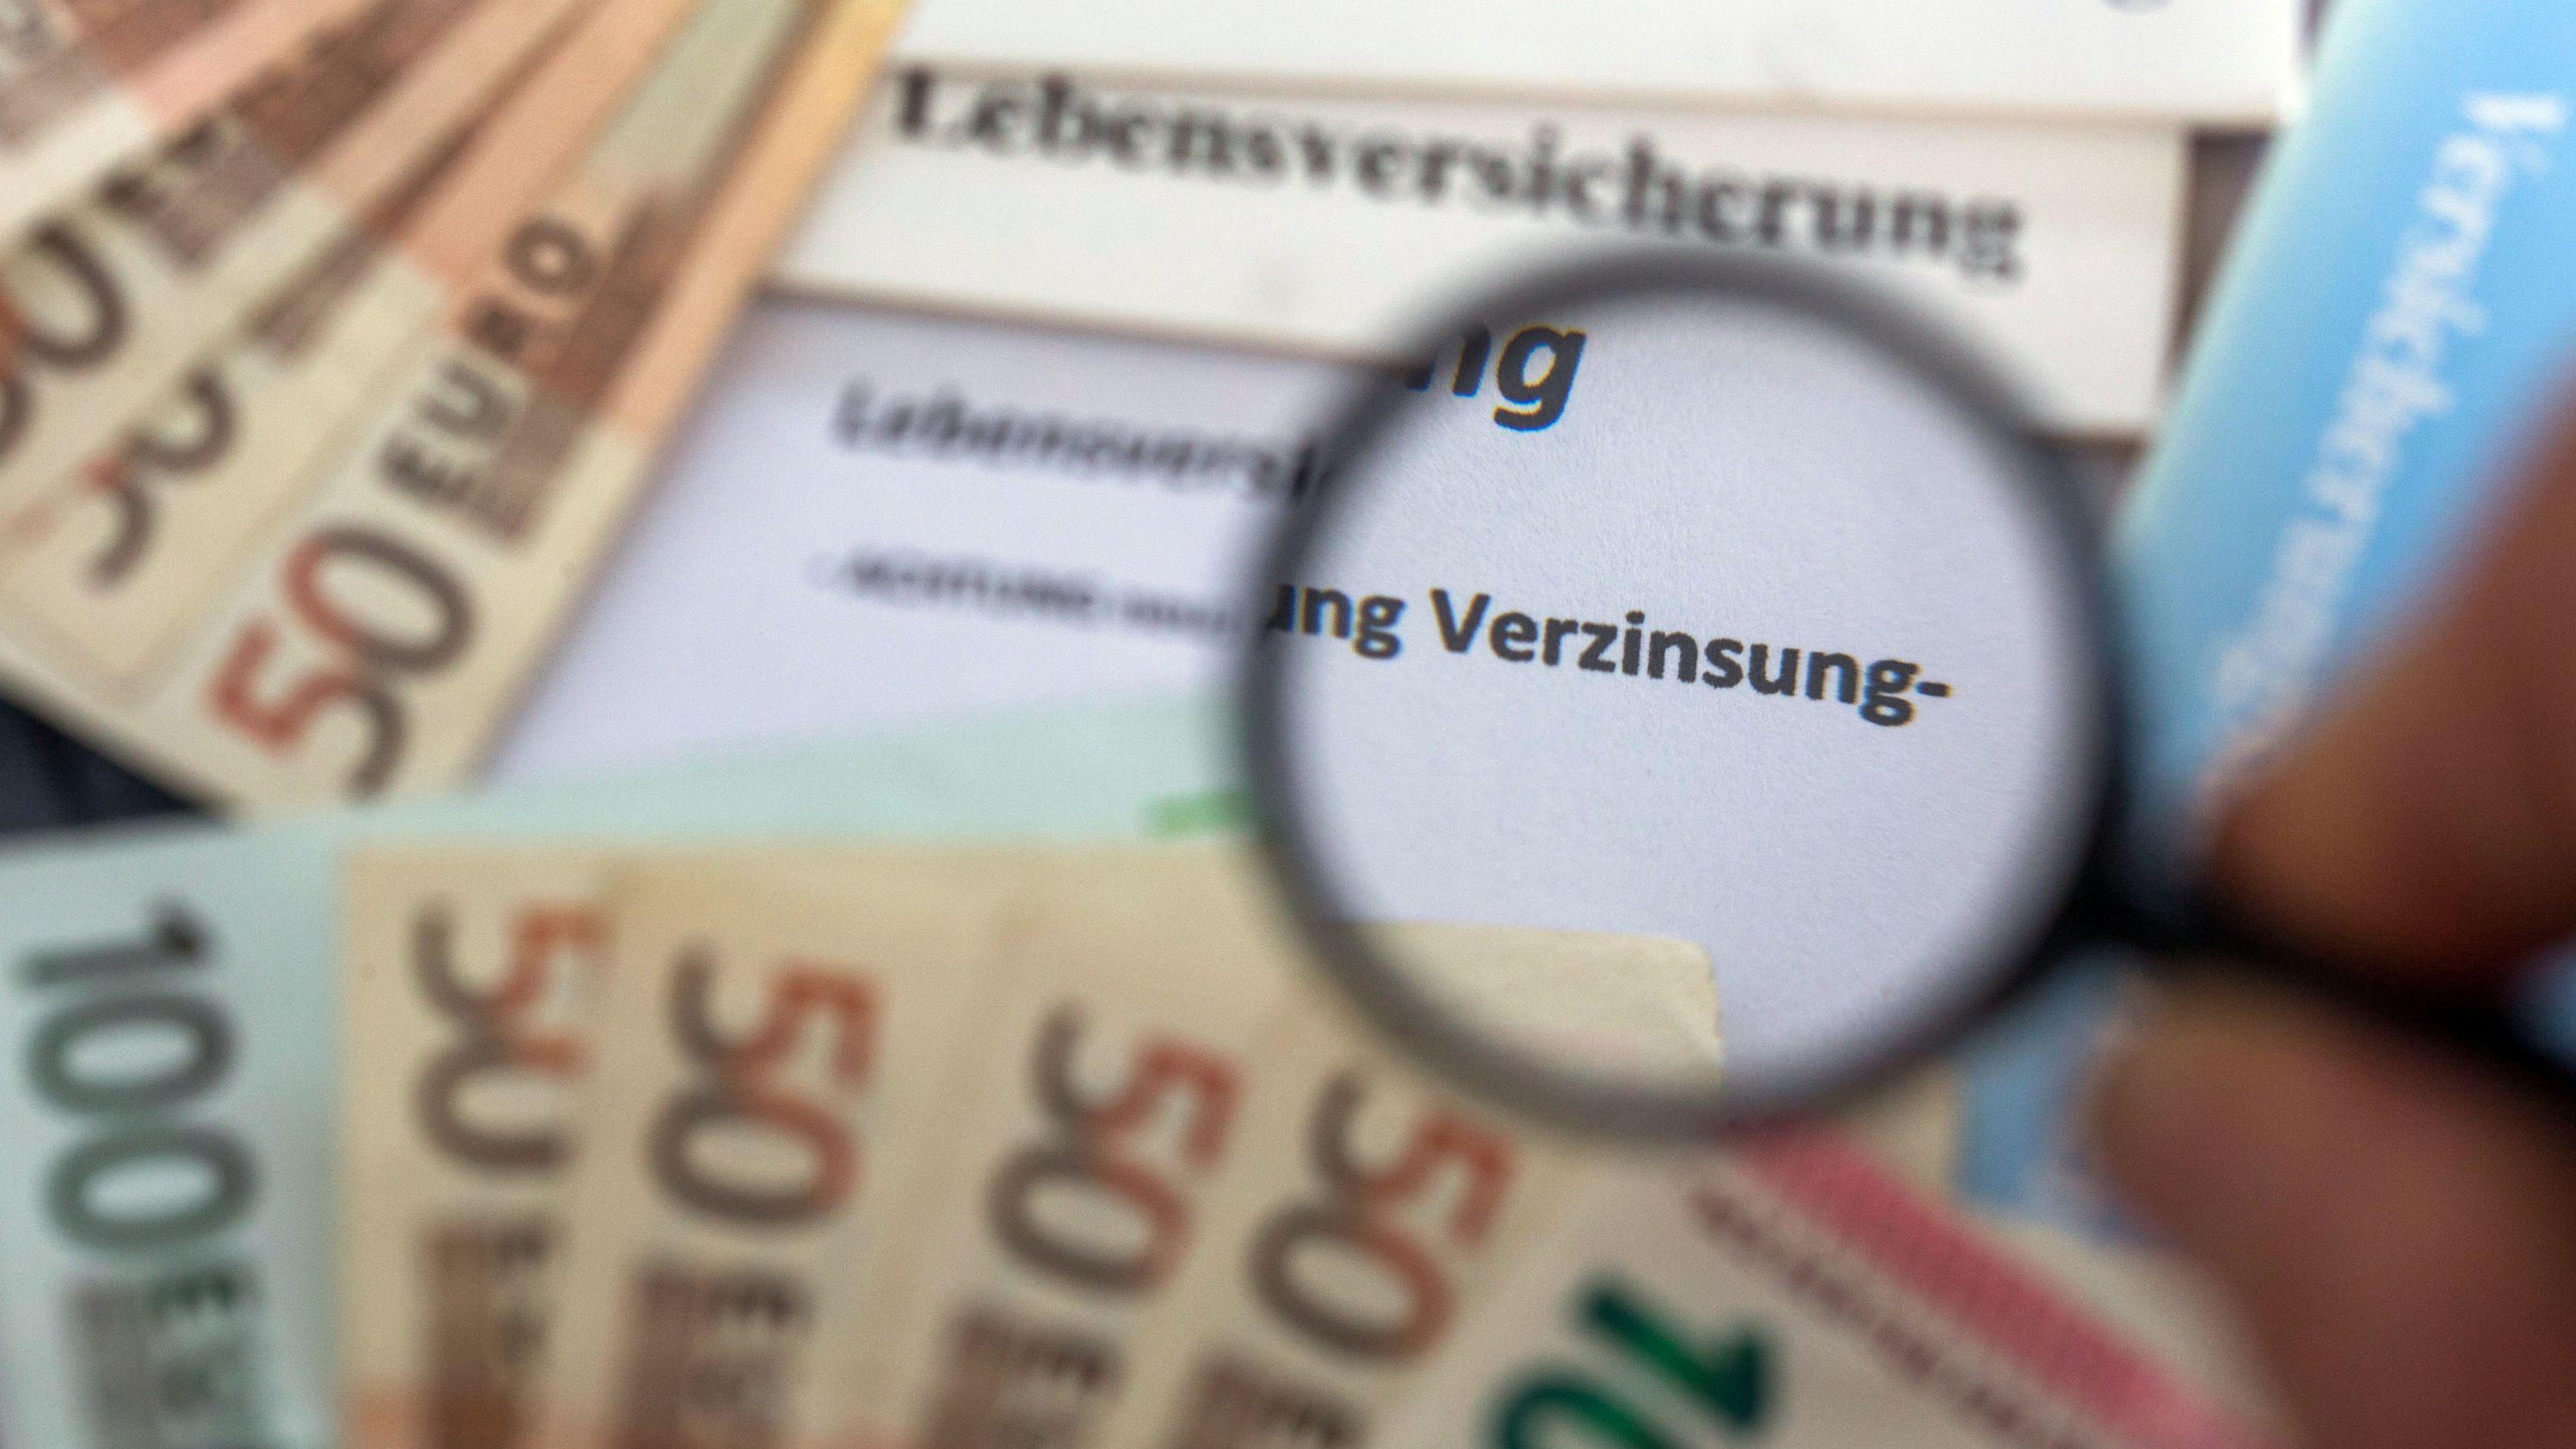 """Illustration zum Thema Lebensversicherung mit Geldscheinen und einer Lupe, durch die das Wort """"Verzinsung"""" zu sehen ist."""